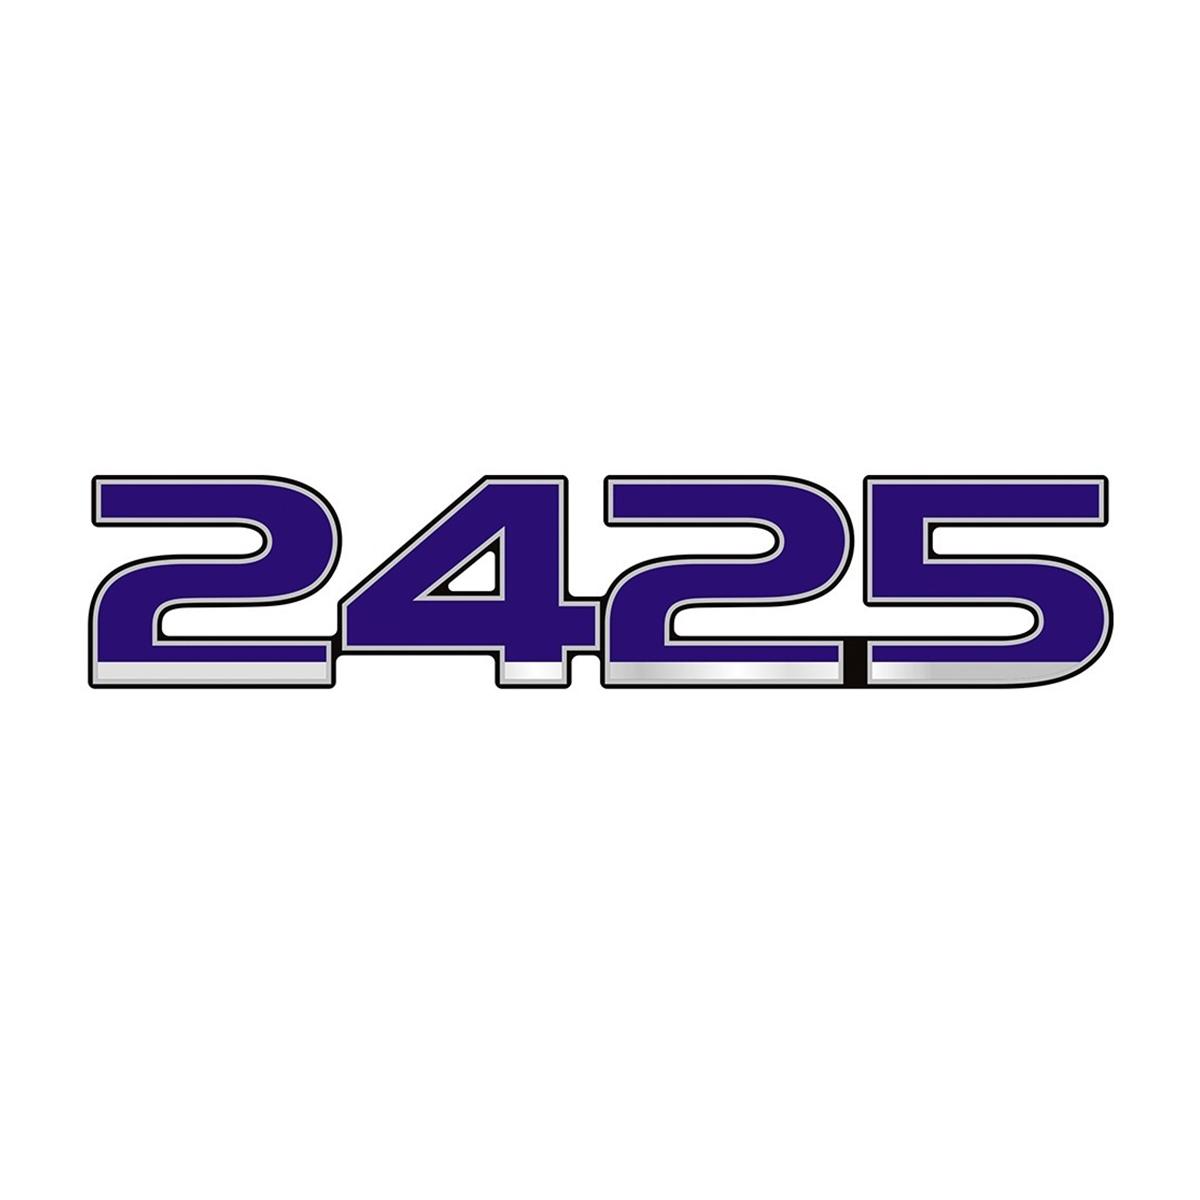 Emblema Ford Cargo 2425